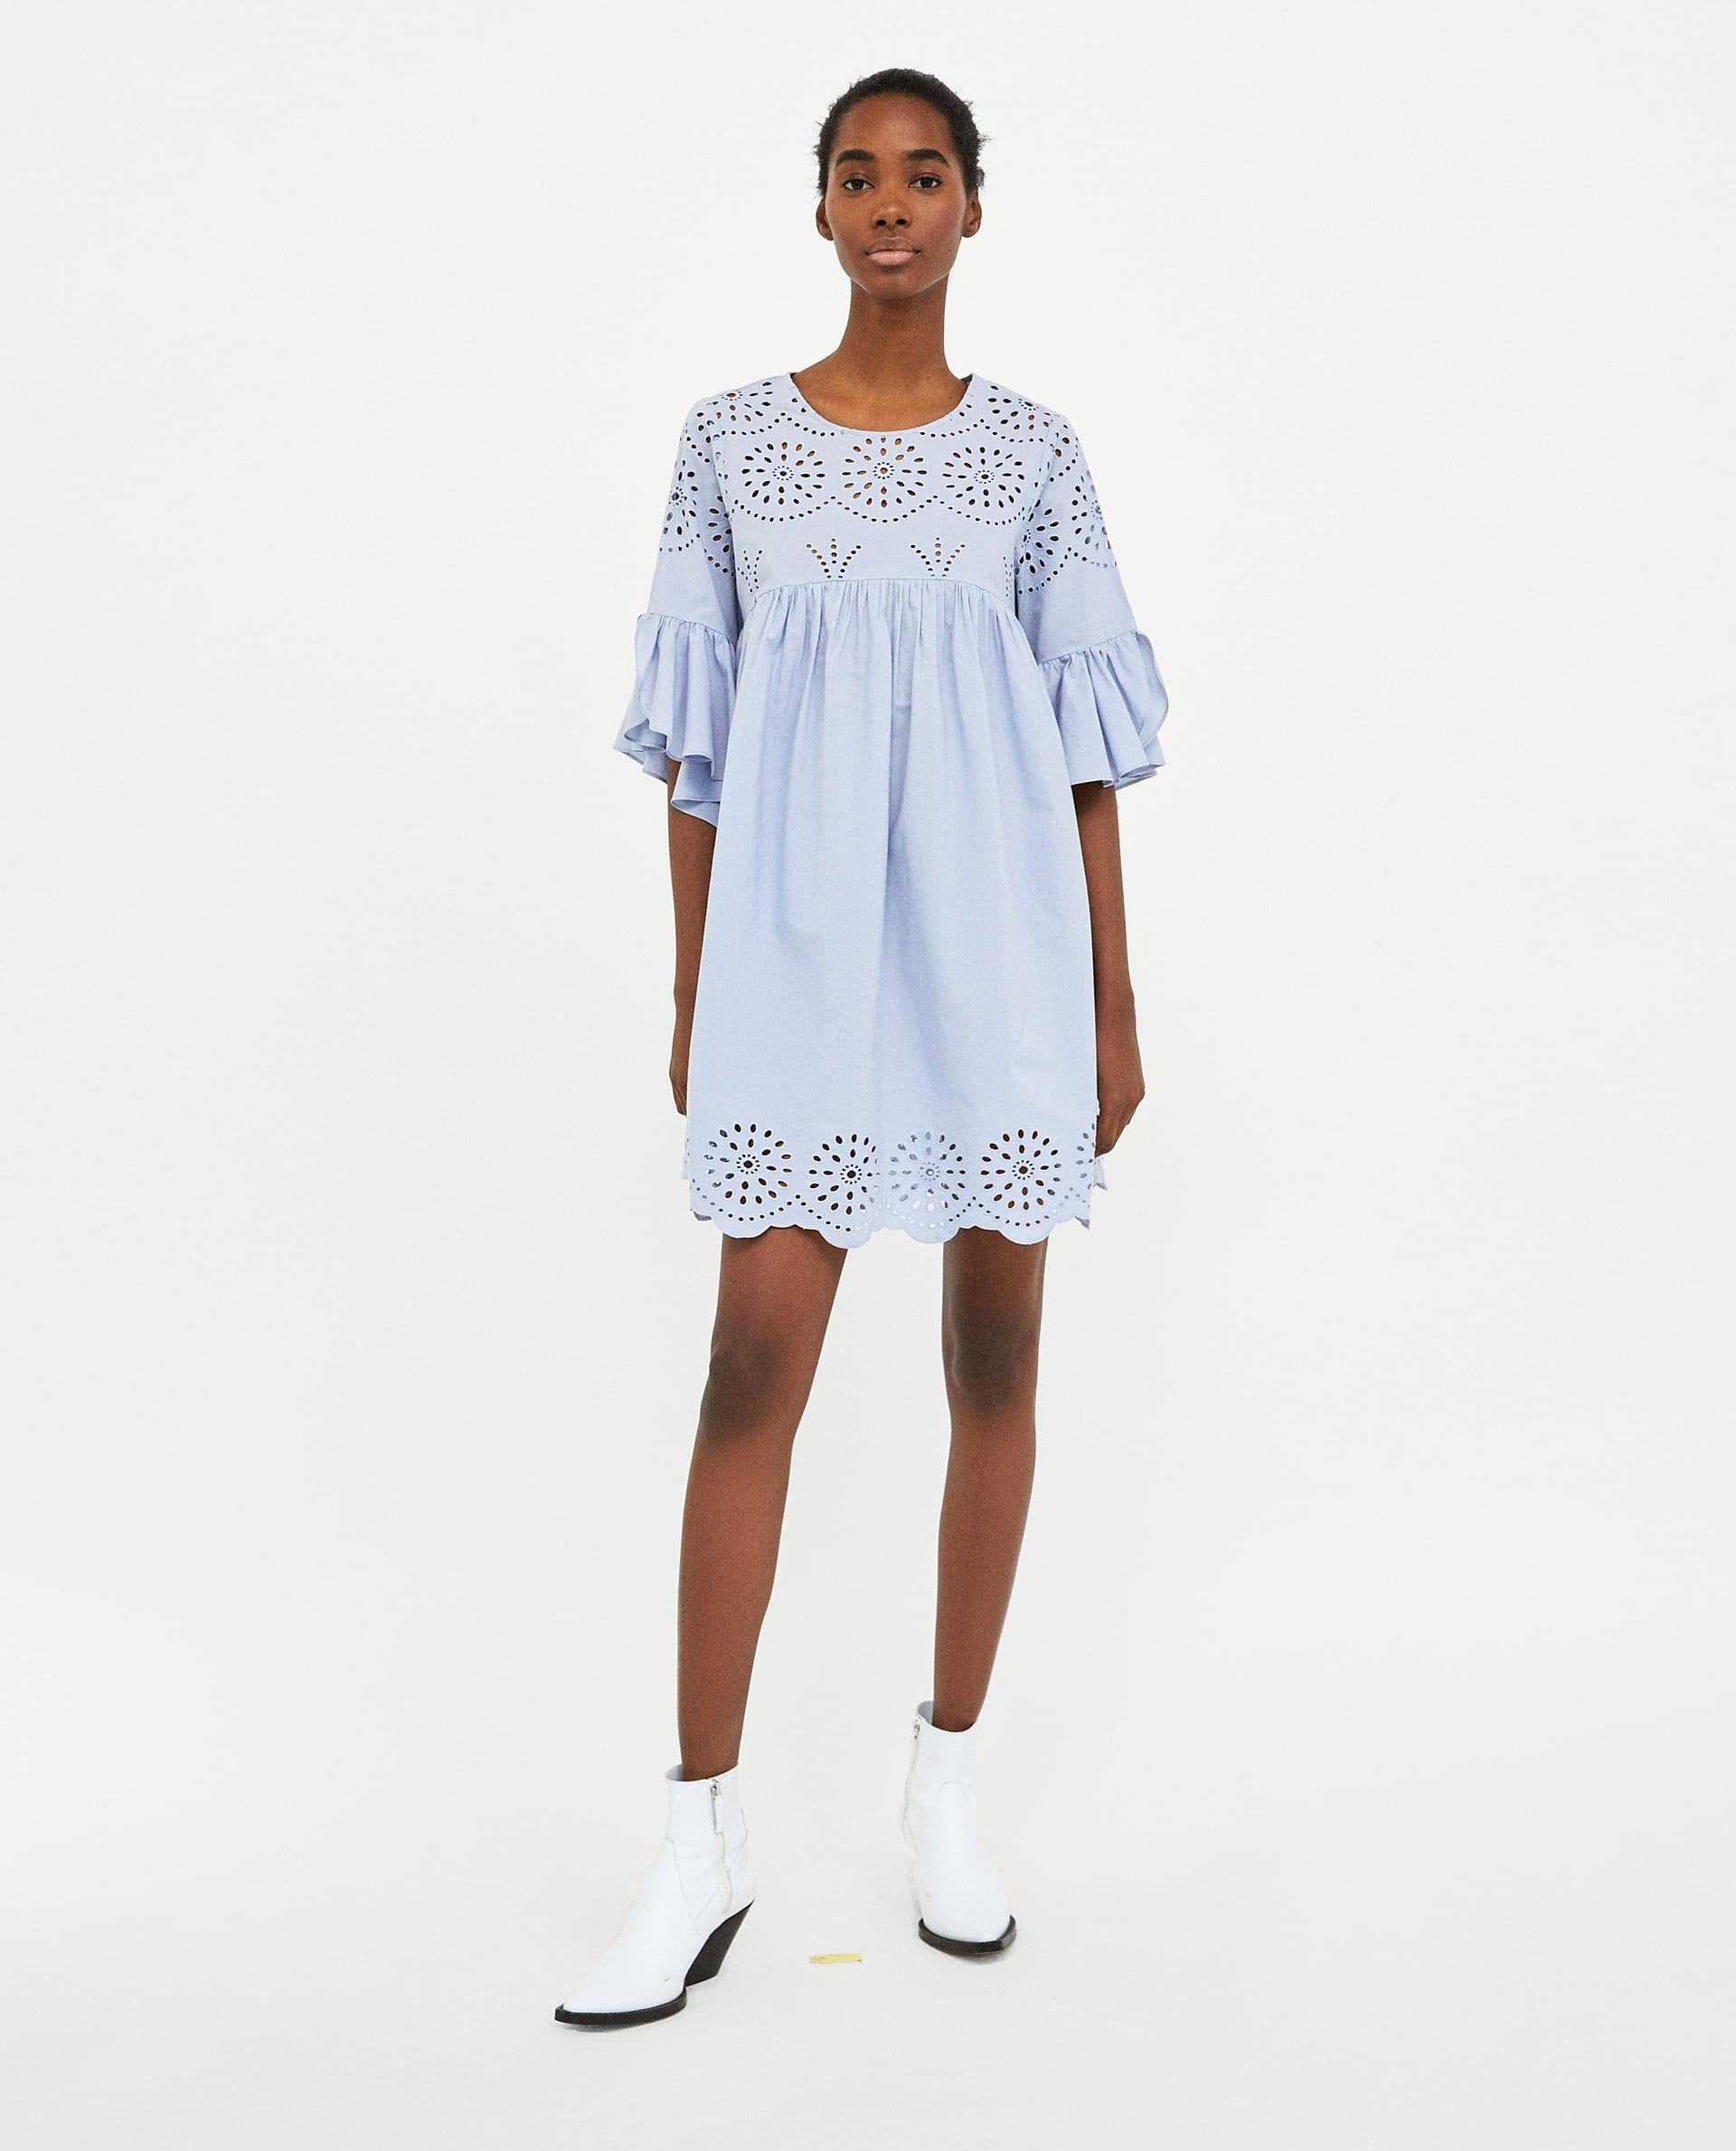 carino e colorato vendite calde all'ingrosso online VESTIDO PERFORADO BORDADO nel 2019 | clothes to buy ...